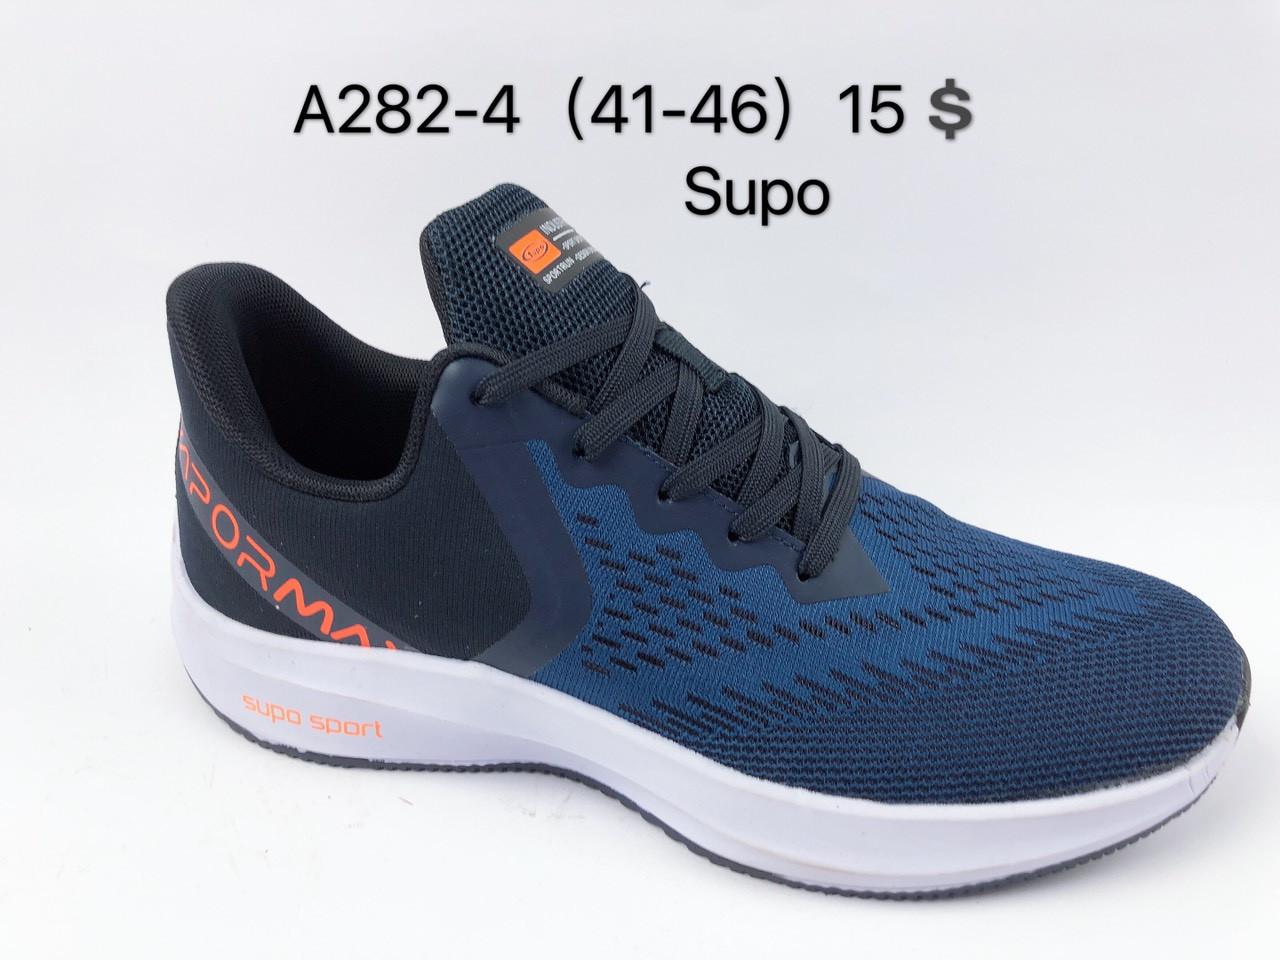 Мужские кроссовки Supo Sport оптом (41-46)